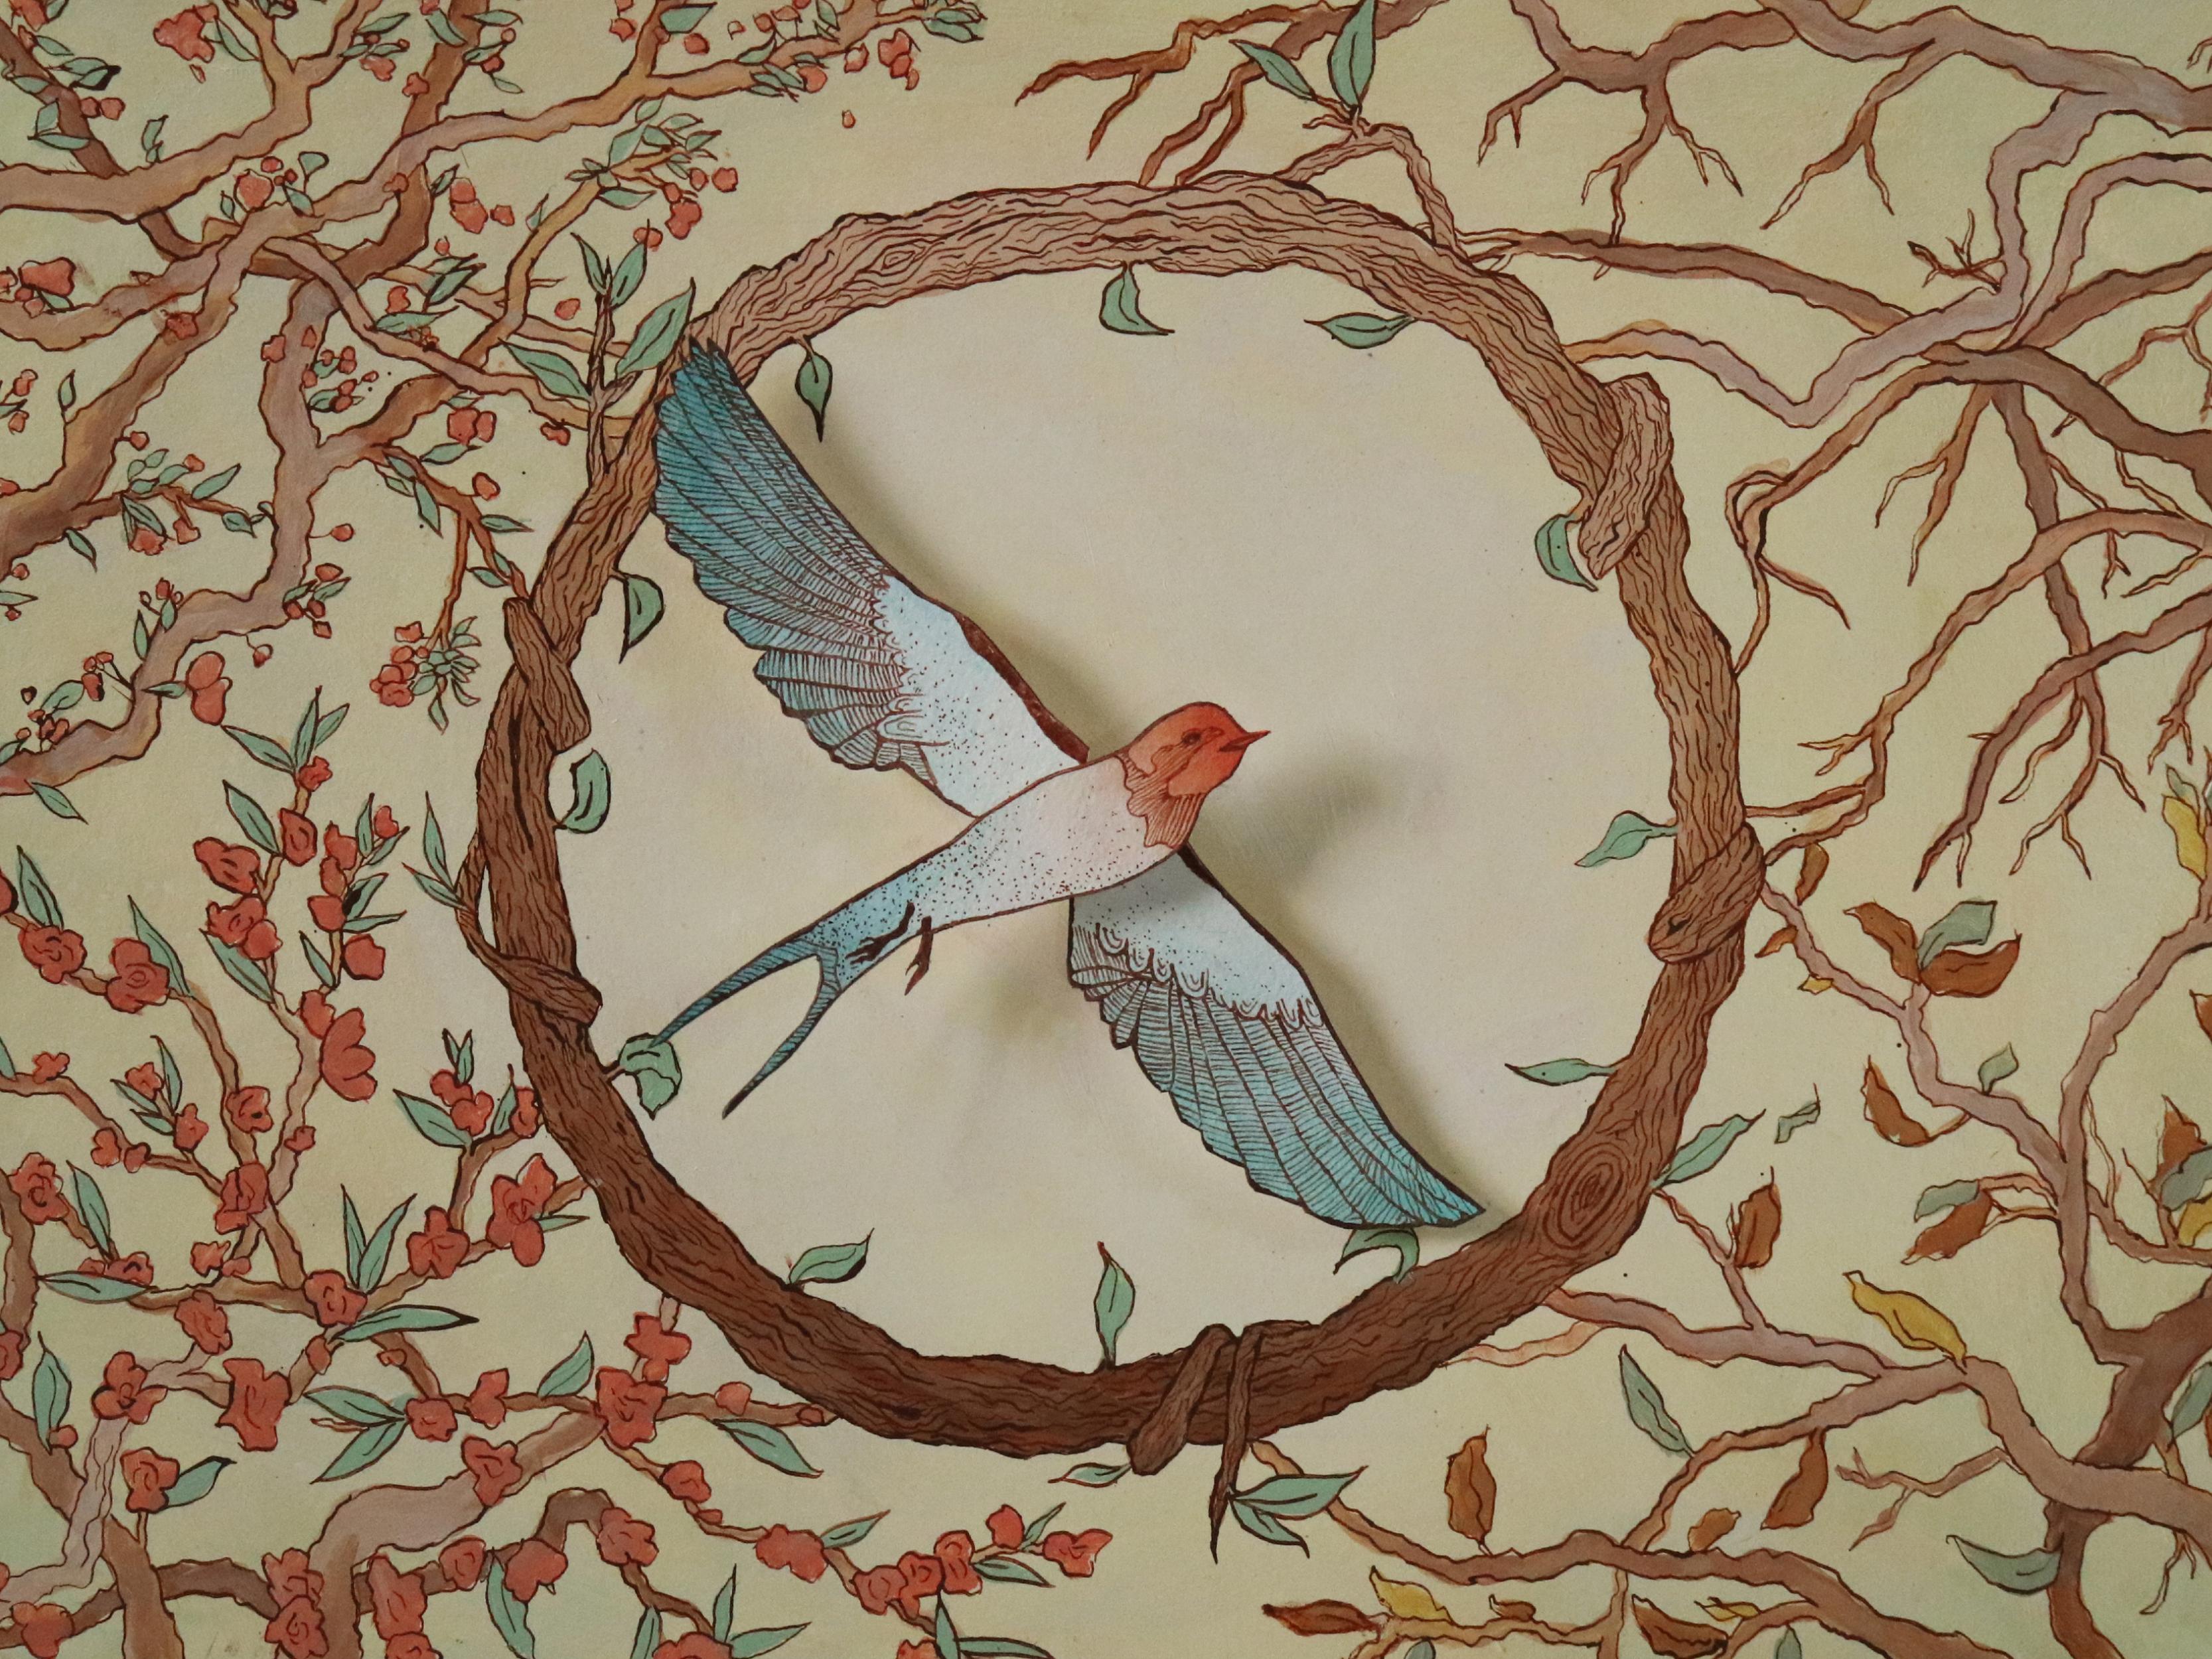 Vivaldi Four Seasons student artwork from MassArt